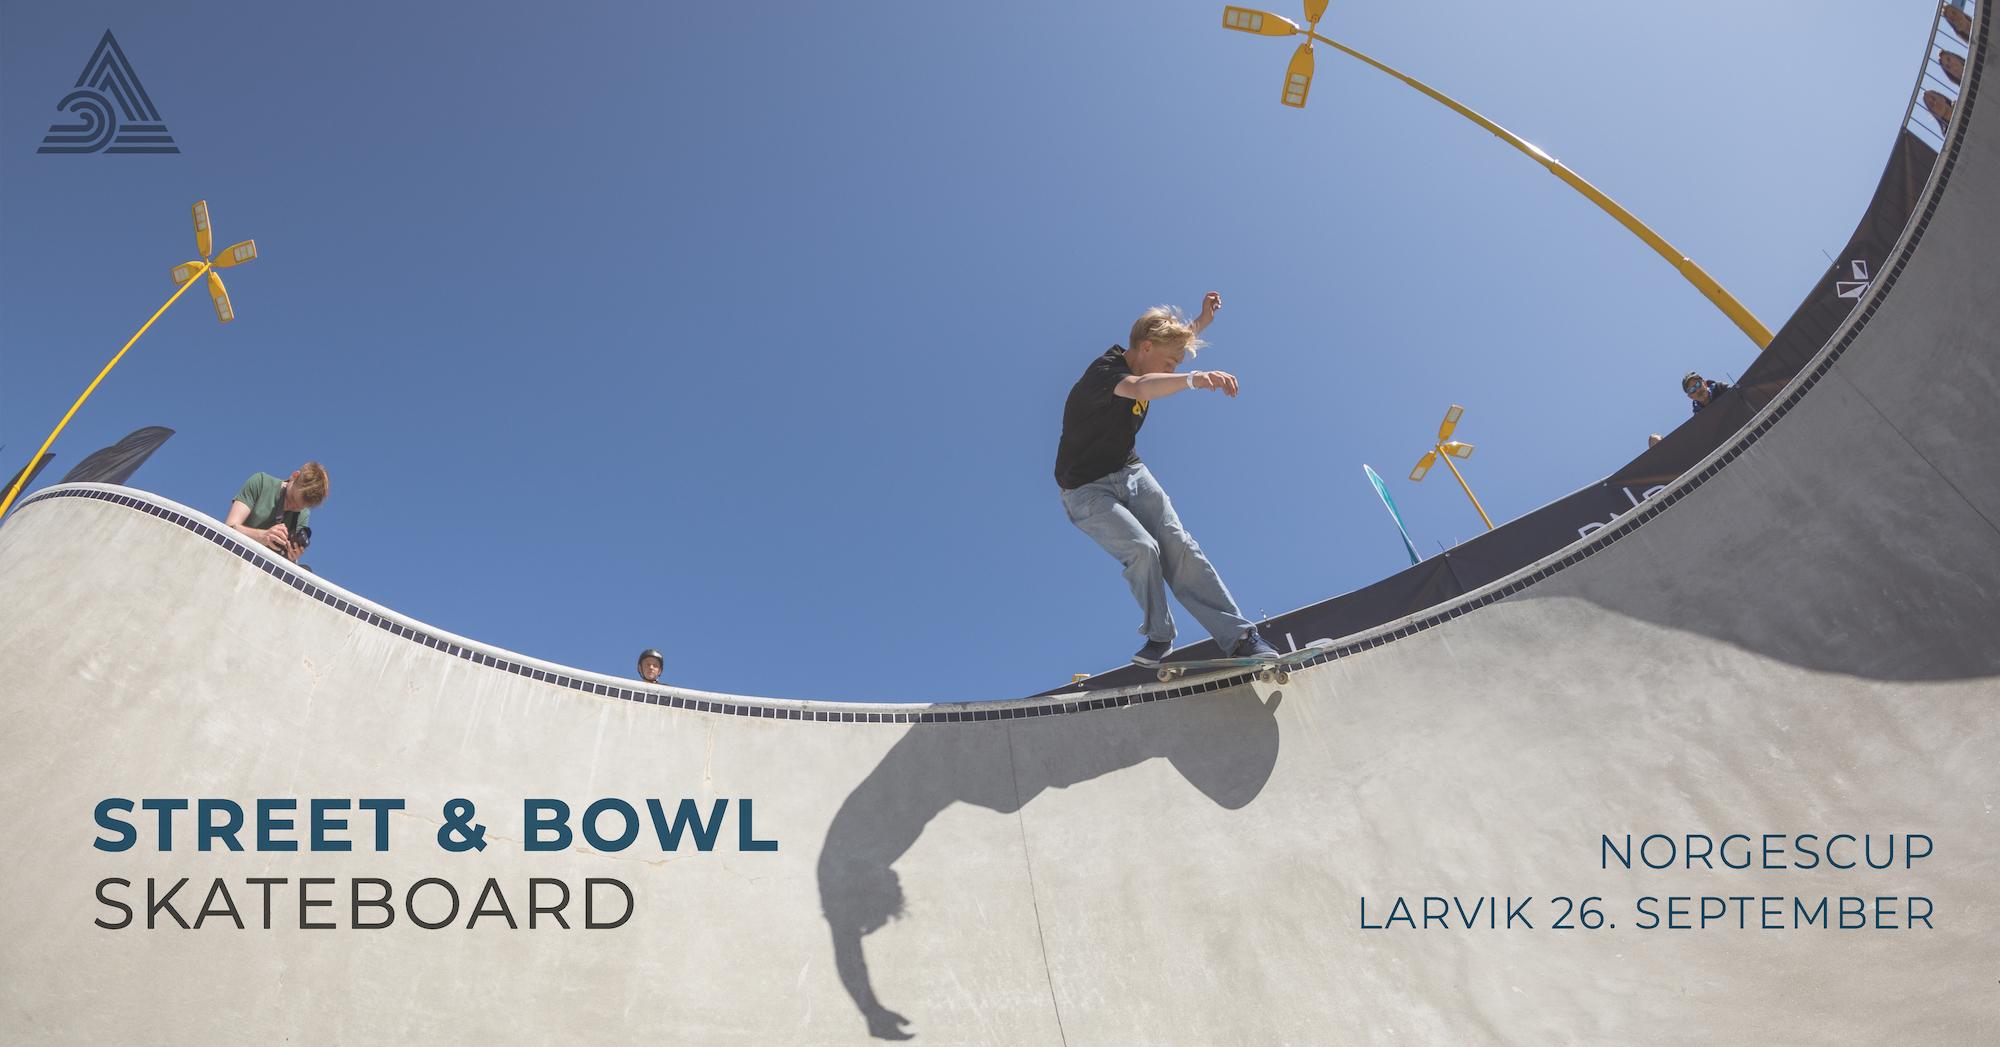 Norgescup i Larvik | Street og Bowl